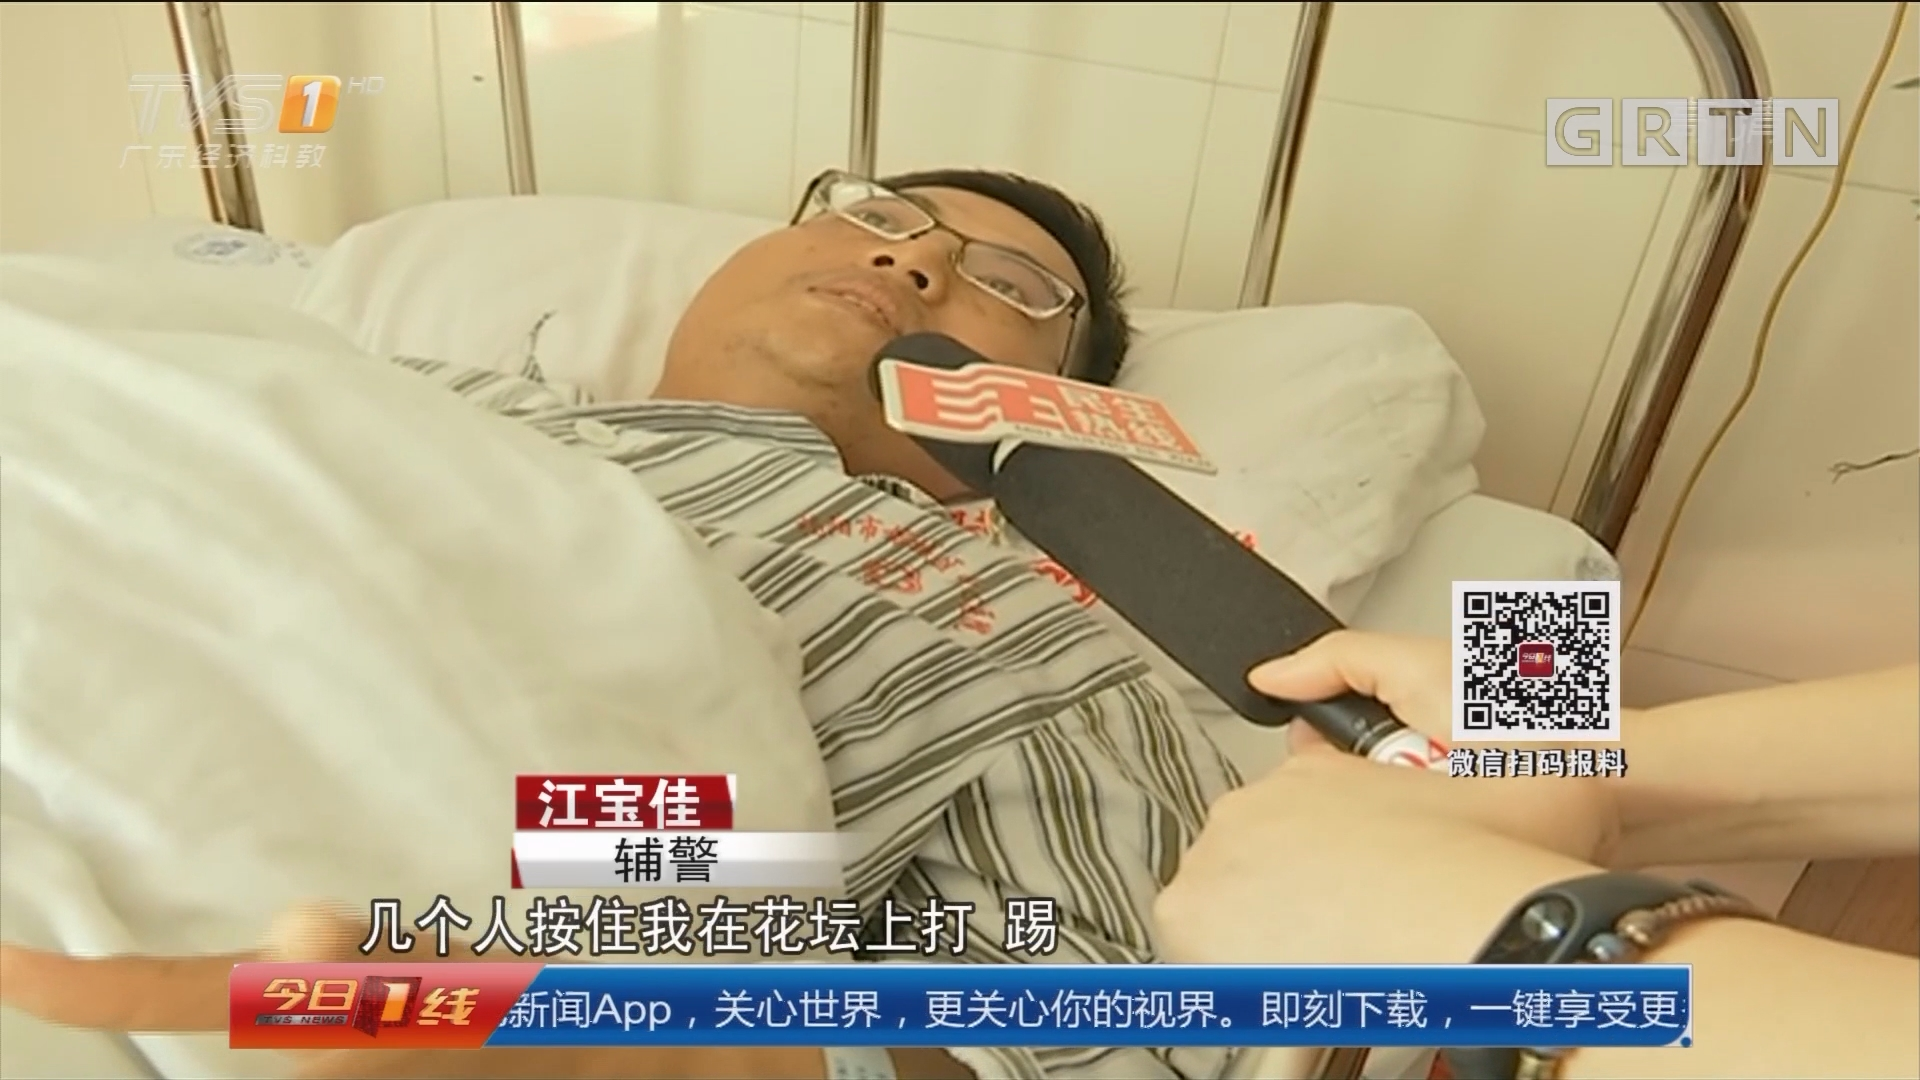 揭阳榕城:暴力抗法伤辅警 三人被刑拘